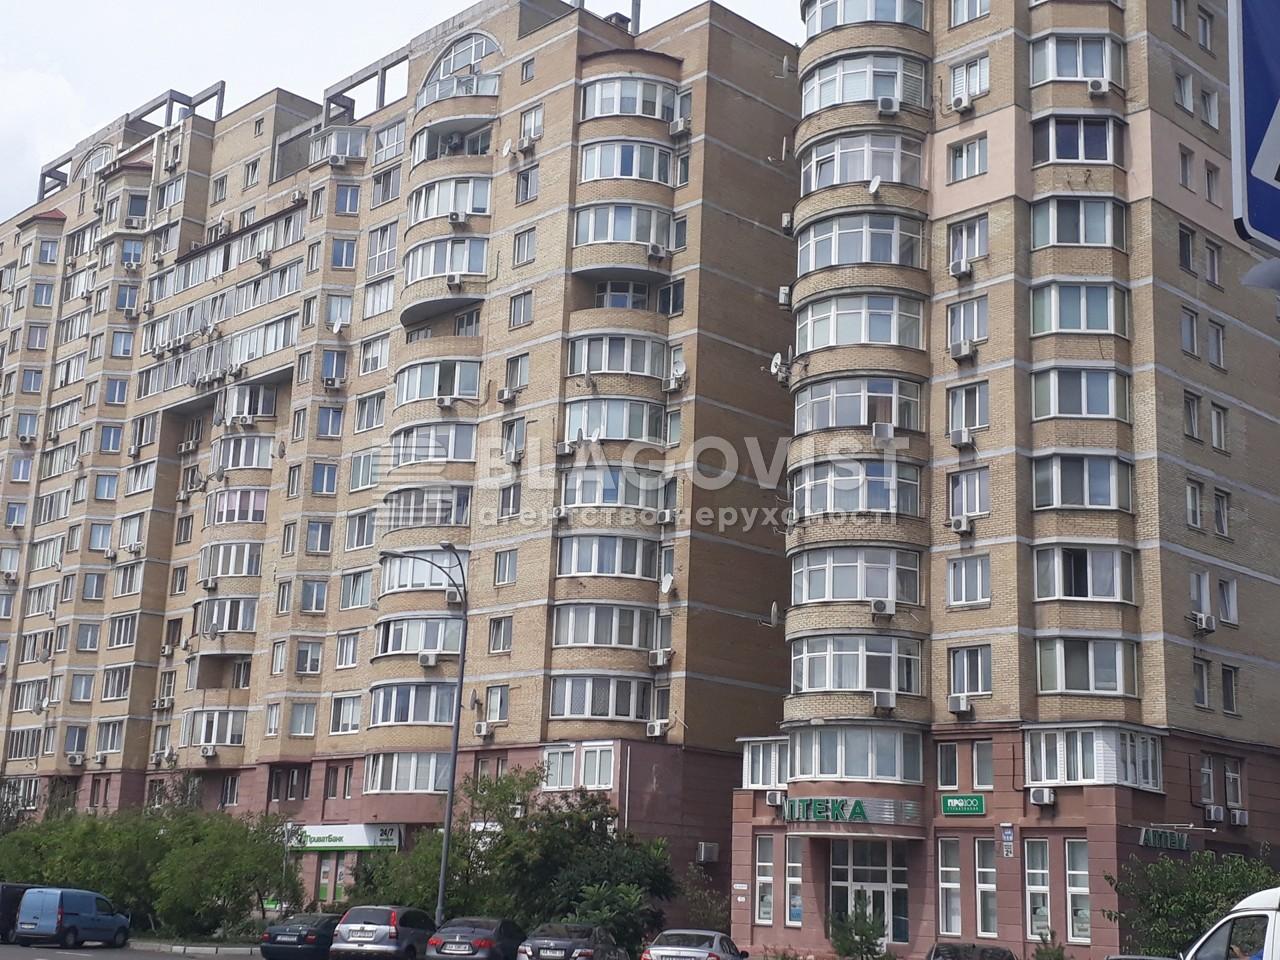 Квартира F-2513, Никольско-Слободская, 2б, Киев - Фото 1